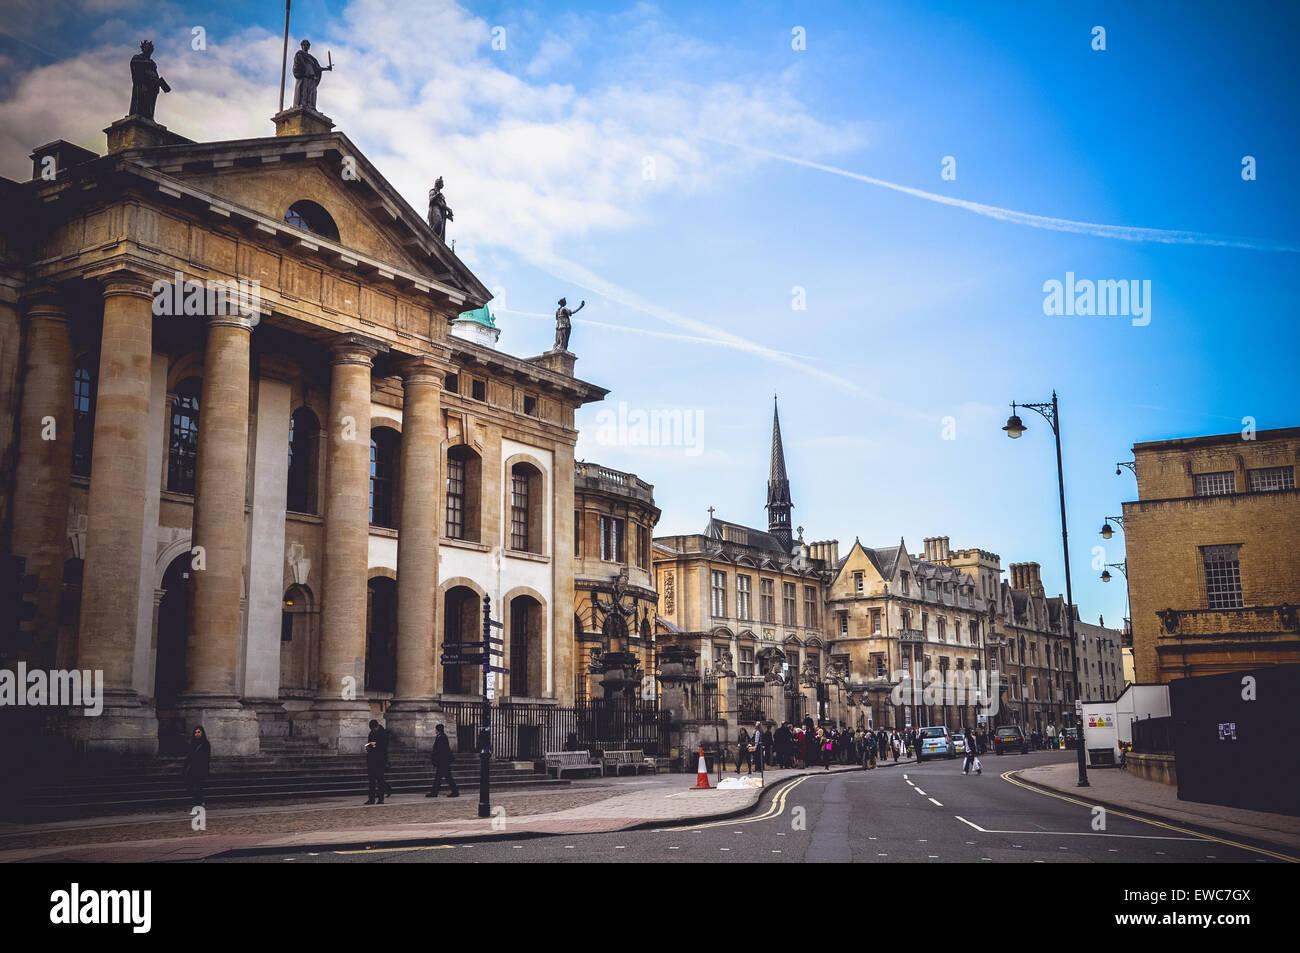 Vista la Broad Street e la Bodleian Library (Clarendon Building), Oxford, Regno Unito Immagini Stock